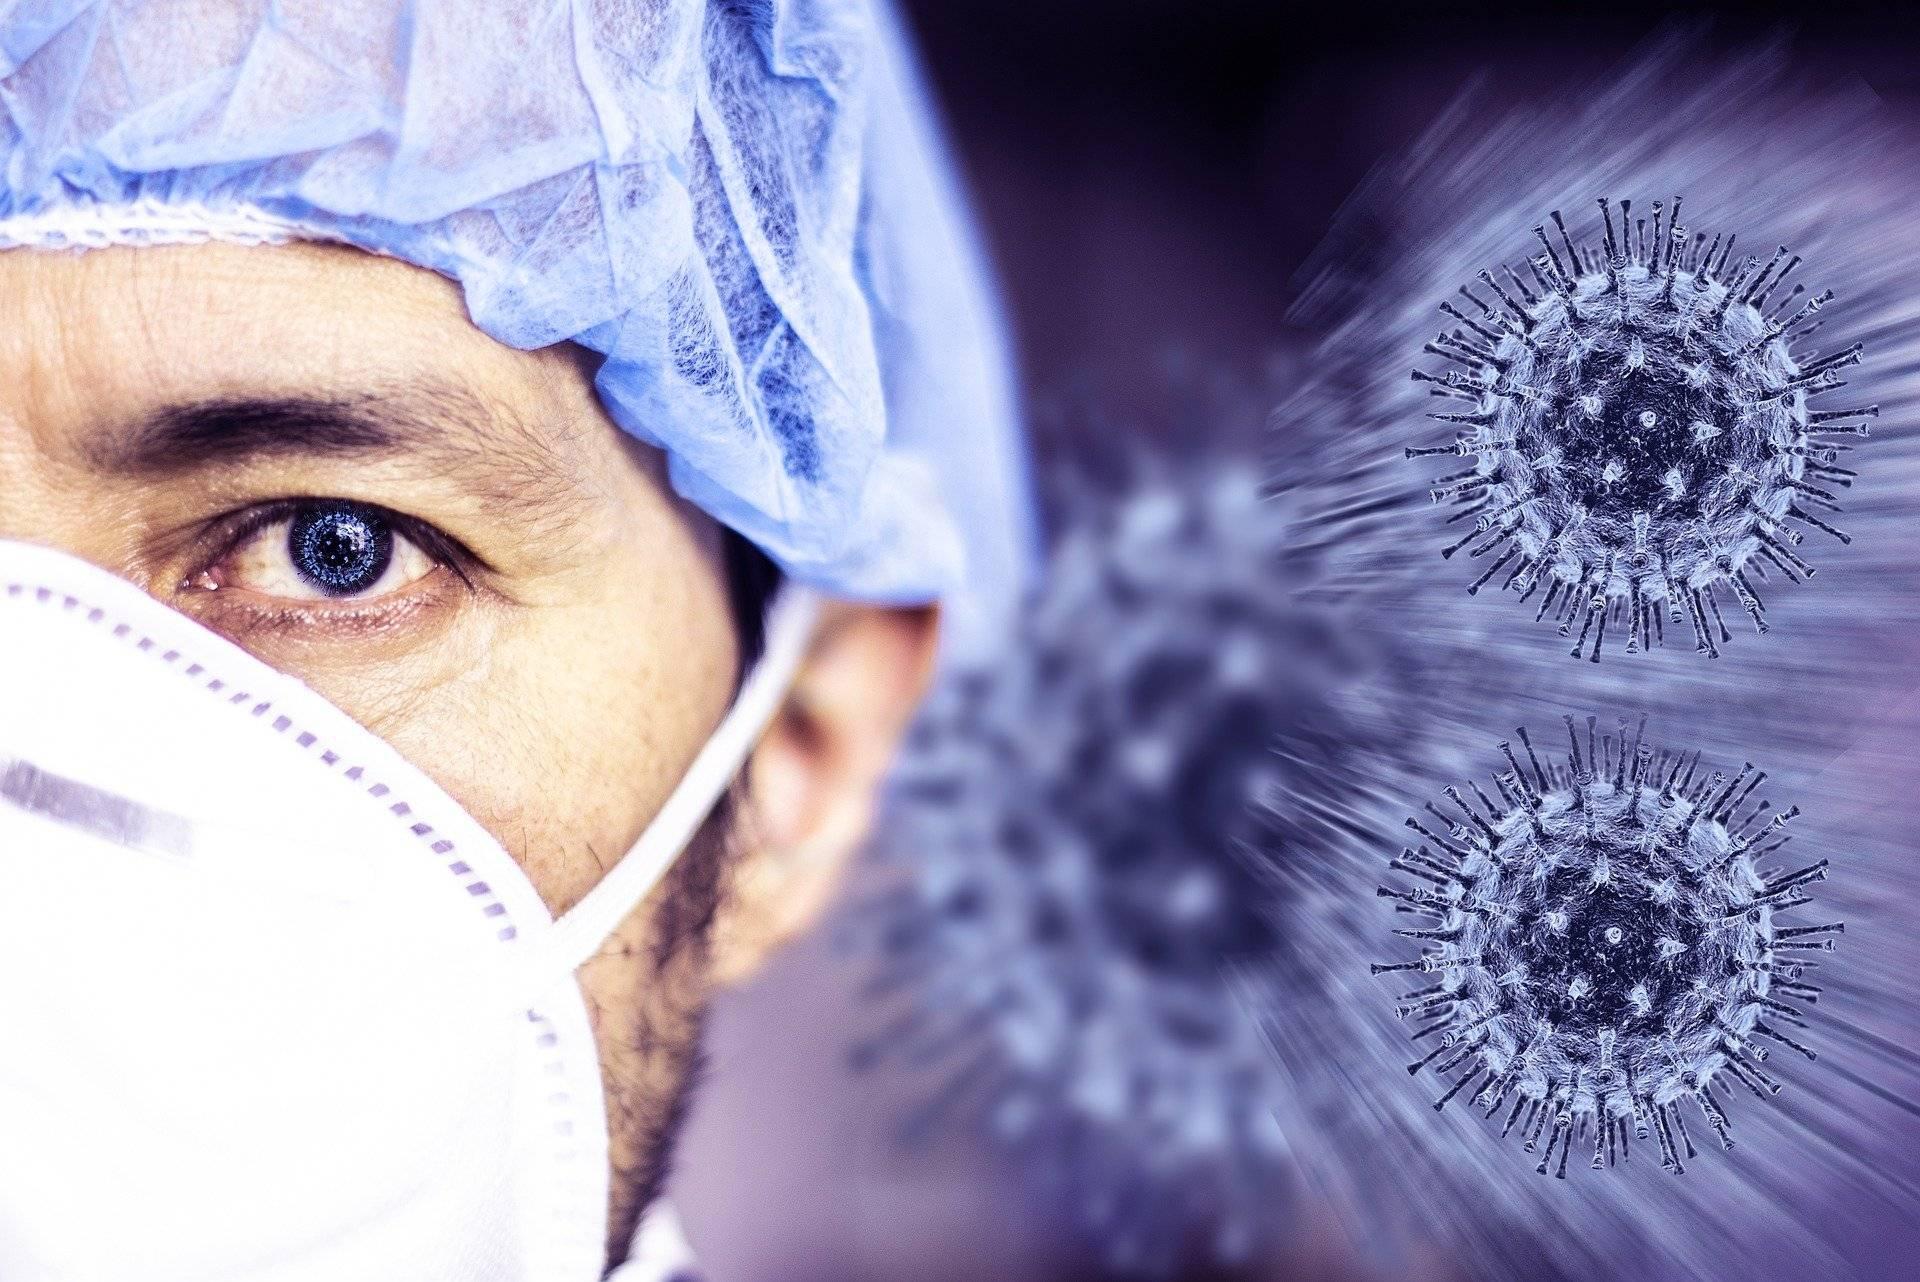 За сутки в Кировской области выявили 63 случая коронавируса